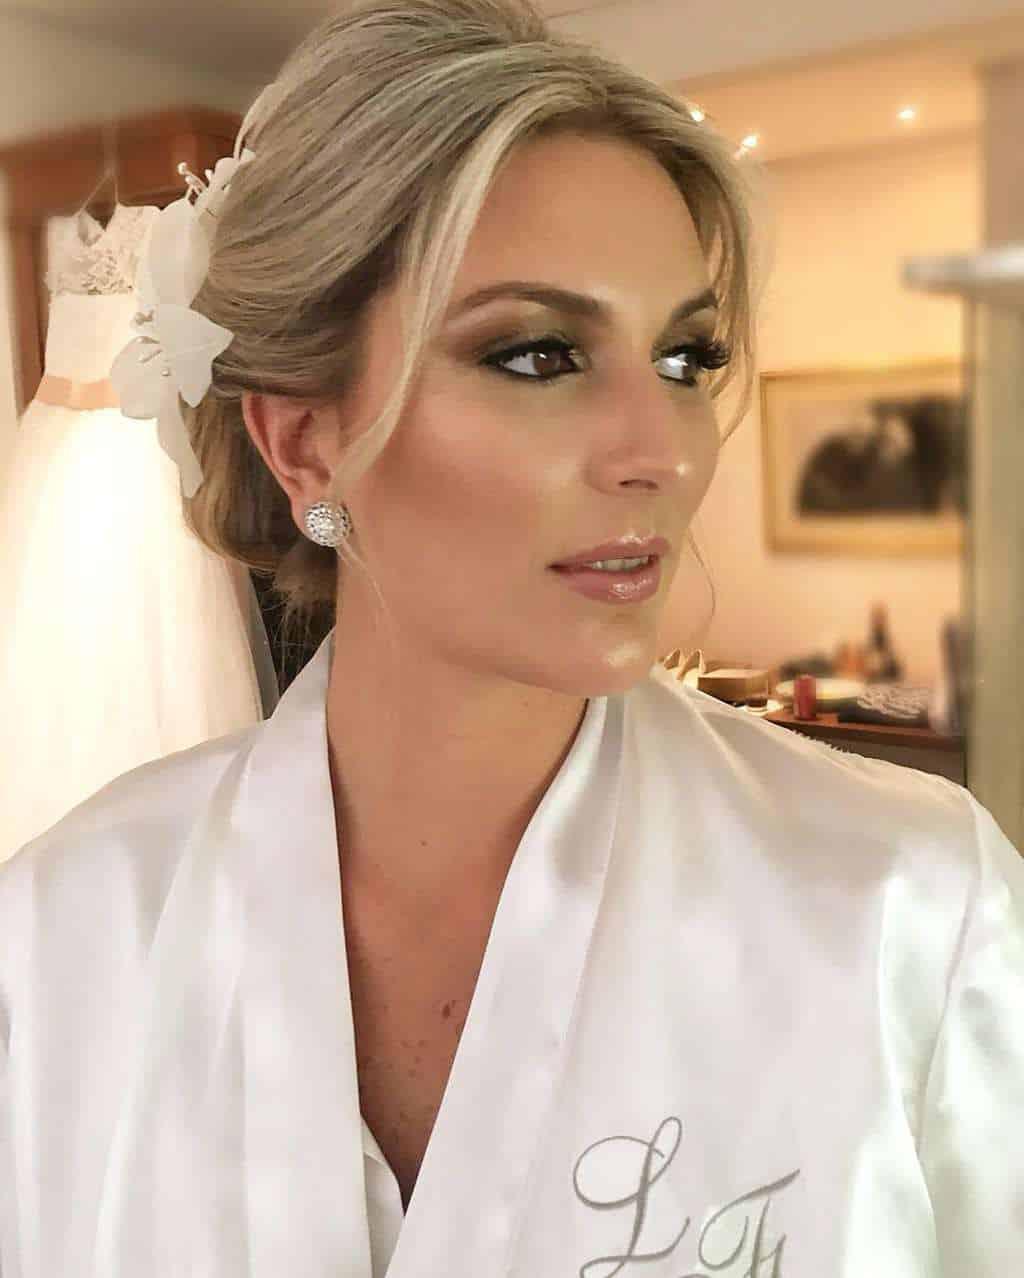 Andrea-Kapps-beleza-da-noiva-casamento-de-dia-casamento-na-serra-casamento-romântico-casamento-tradicional-Locanda-de-La-Mimosa-rosa-e-lilás-casamento-58